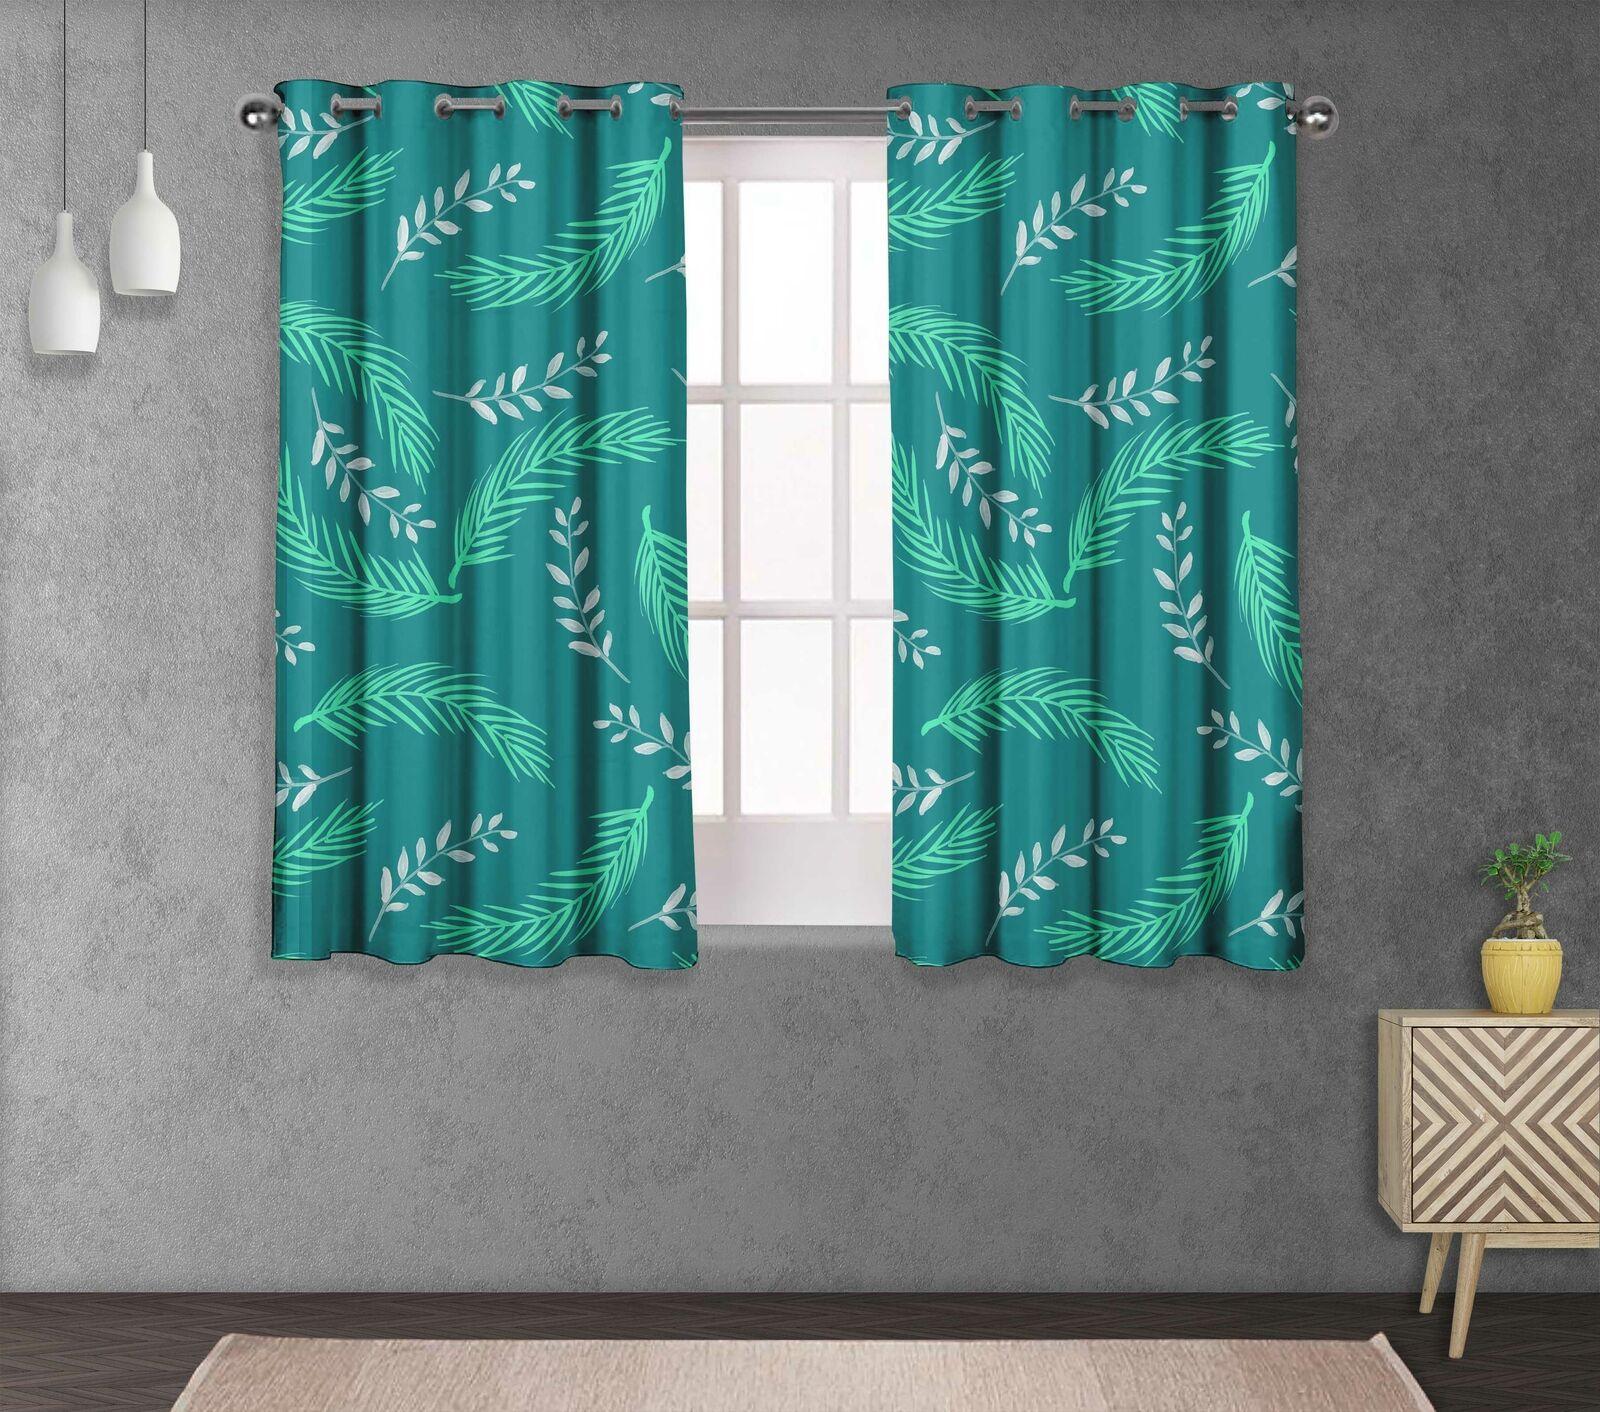 S 4 Sassy Palm Cama divisores de habitación Panel de cortina corta y larga-LF-553F